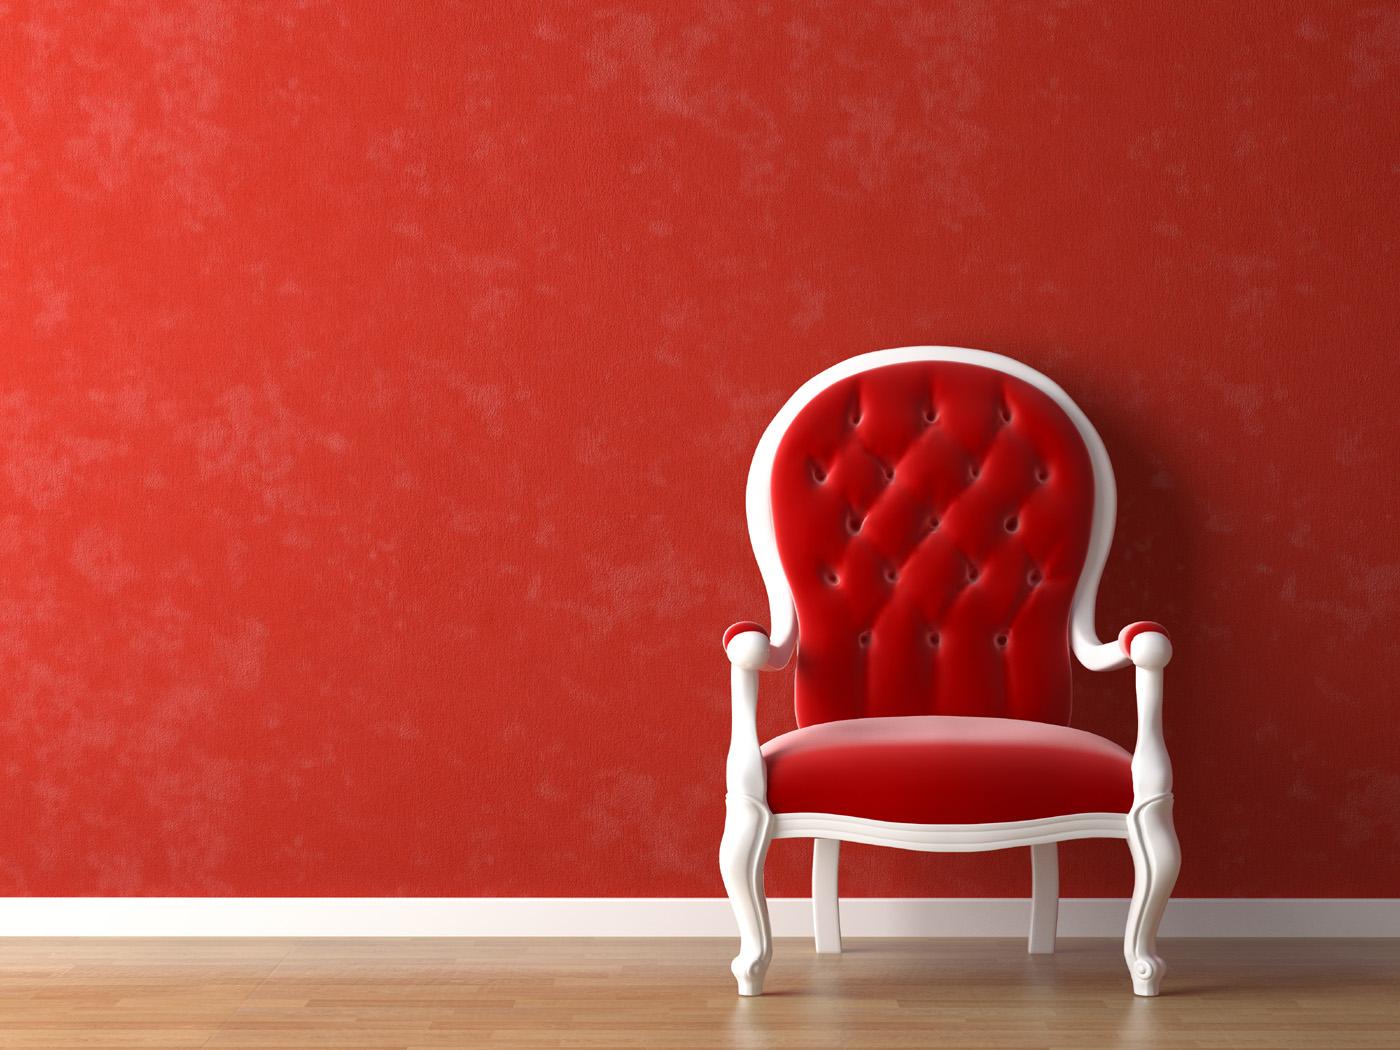 Indoor Wallpaper Backgrounds mywallpapers site 1400x1050